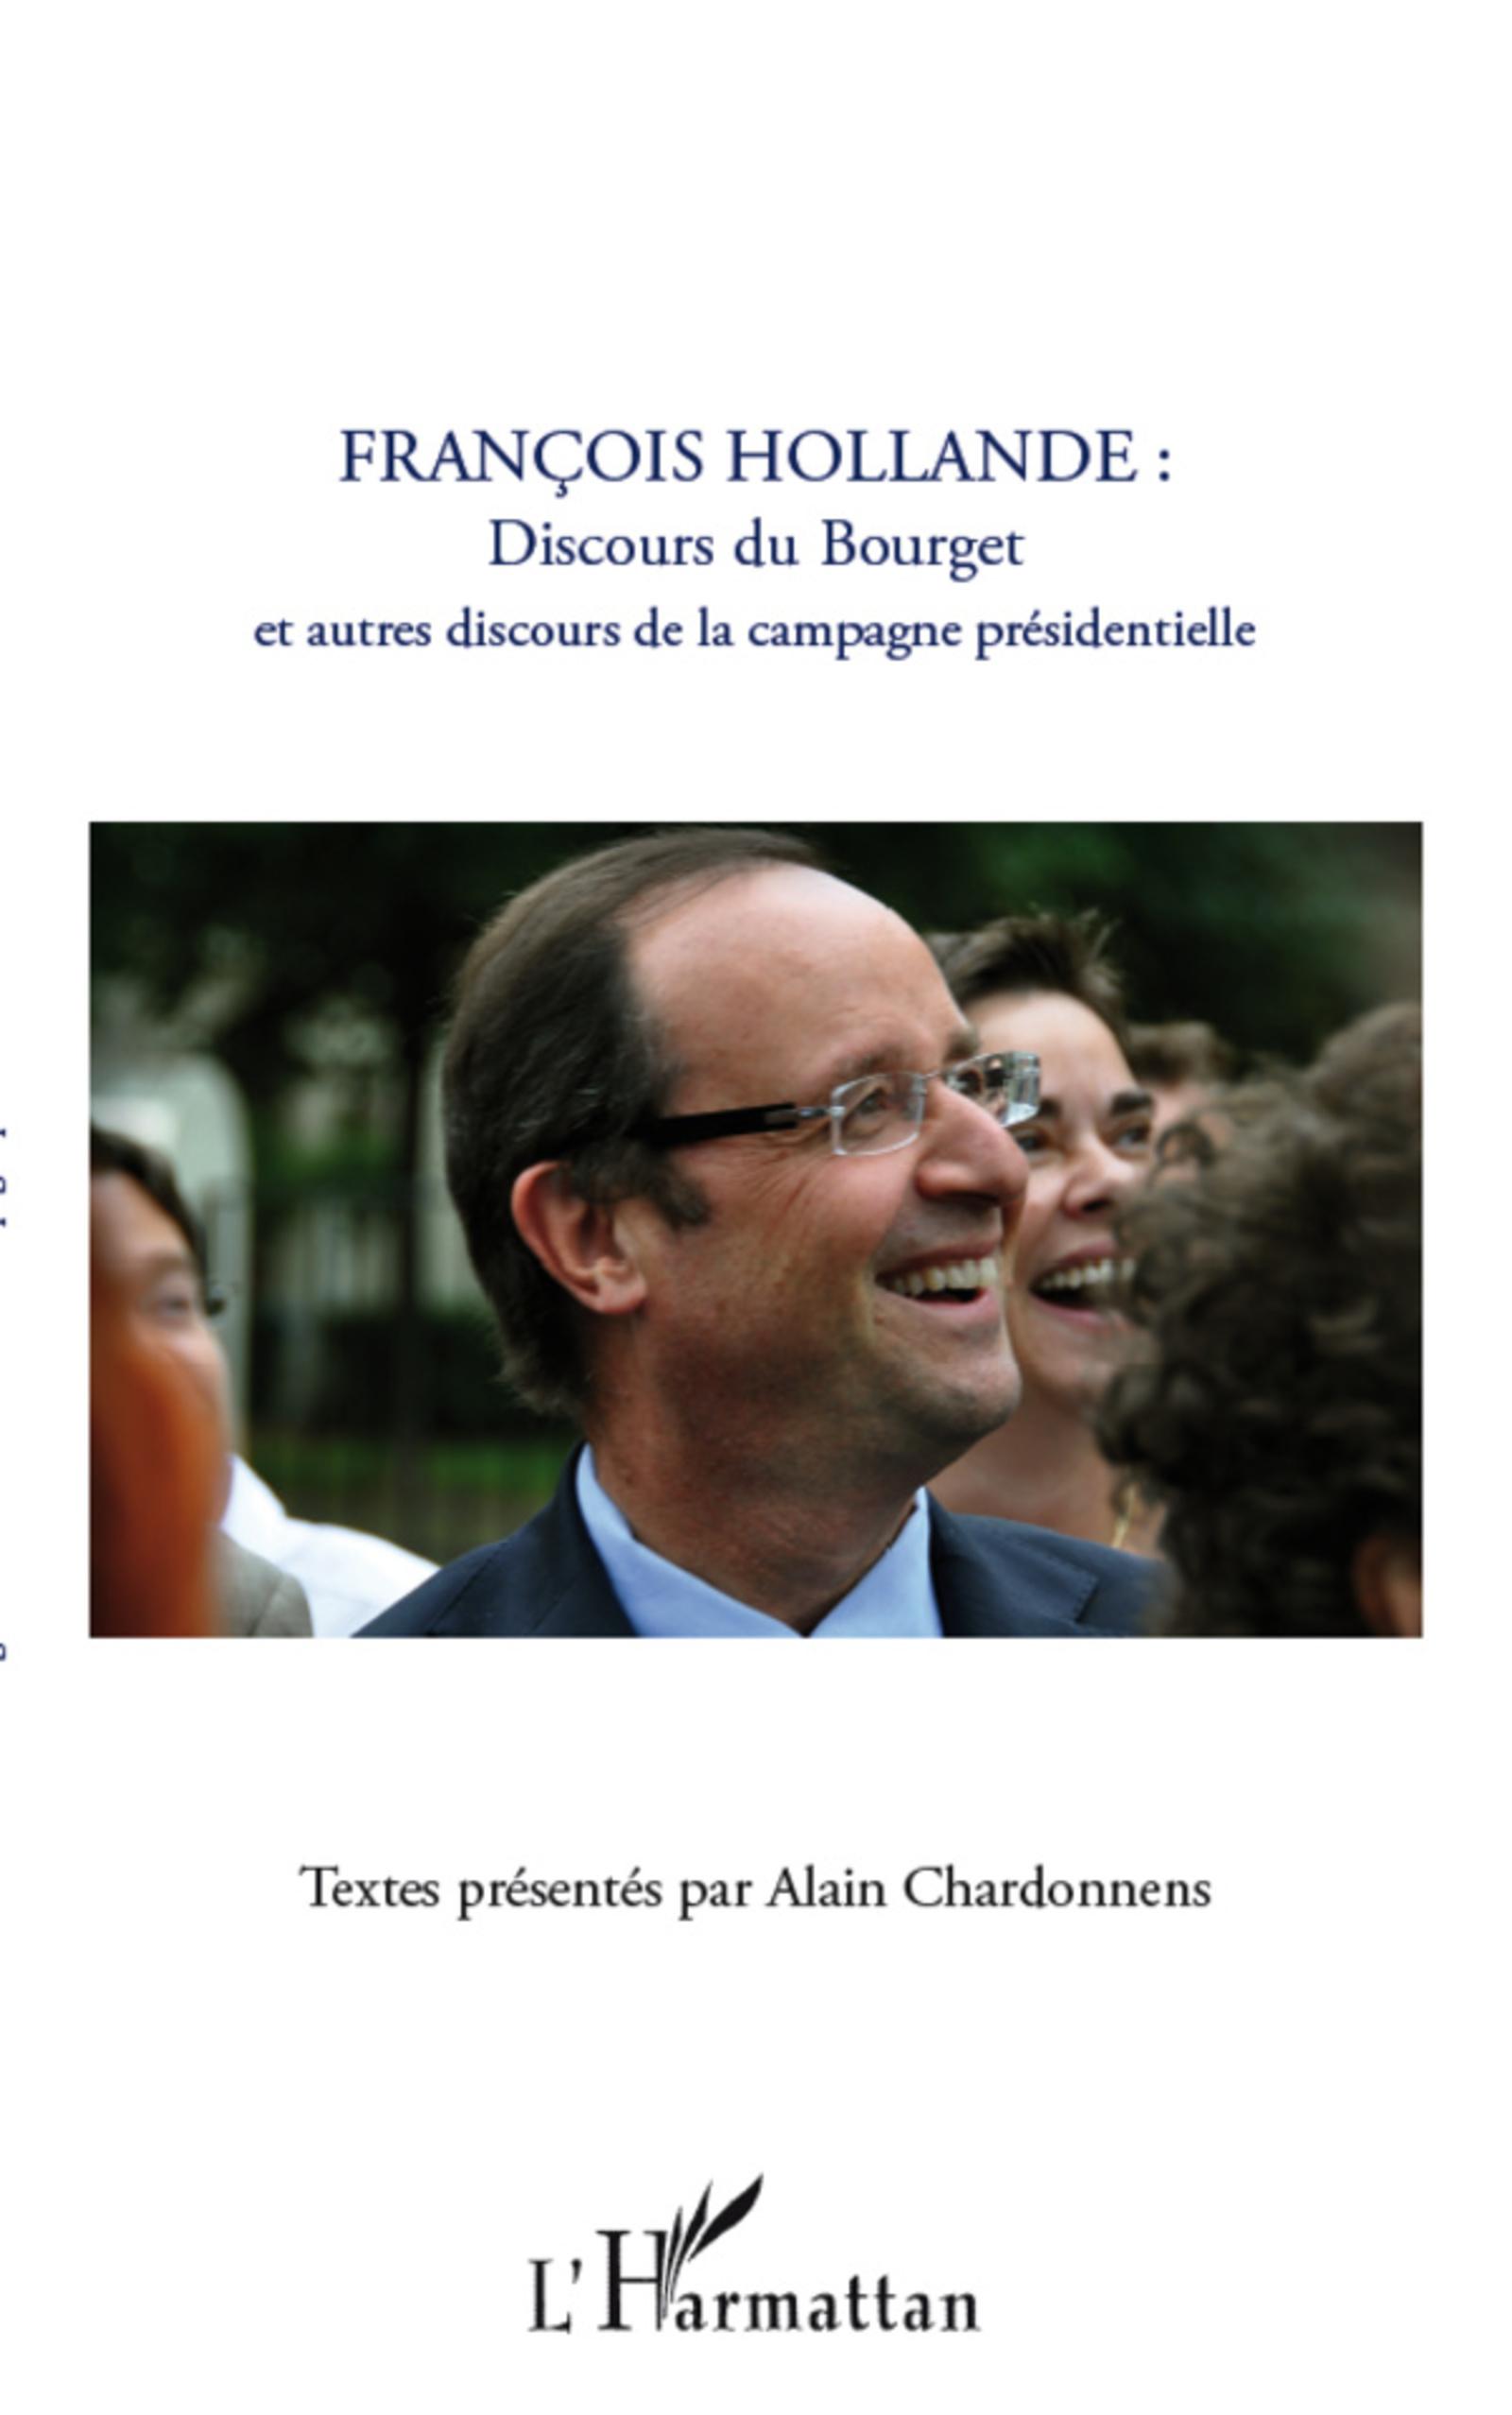 François Hollande : discours du Bourget et autres discours de la campagne présidentielle